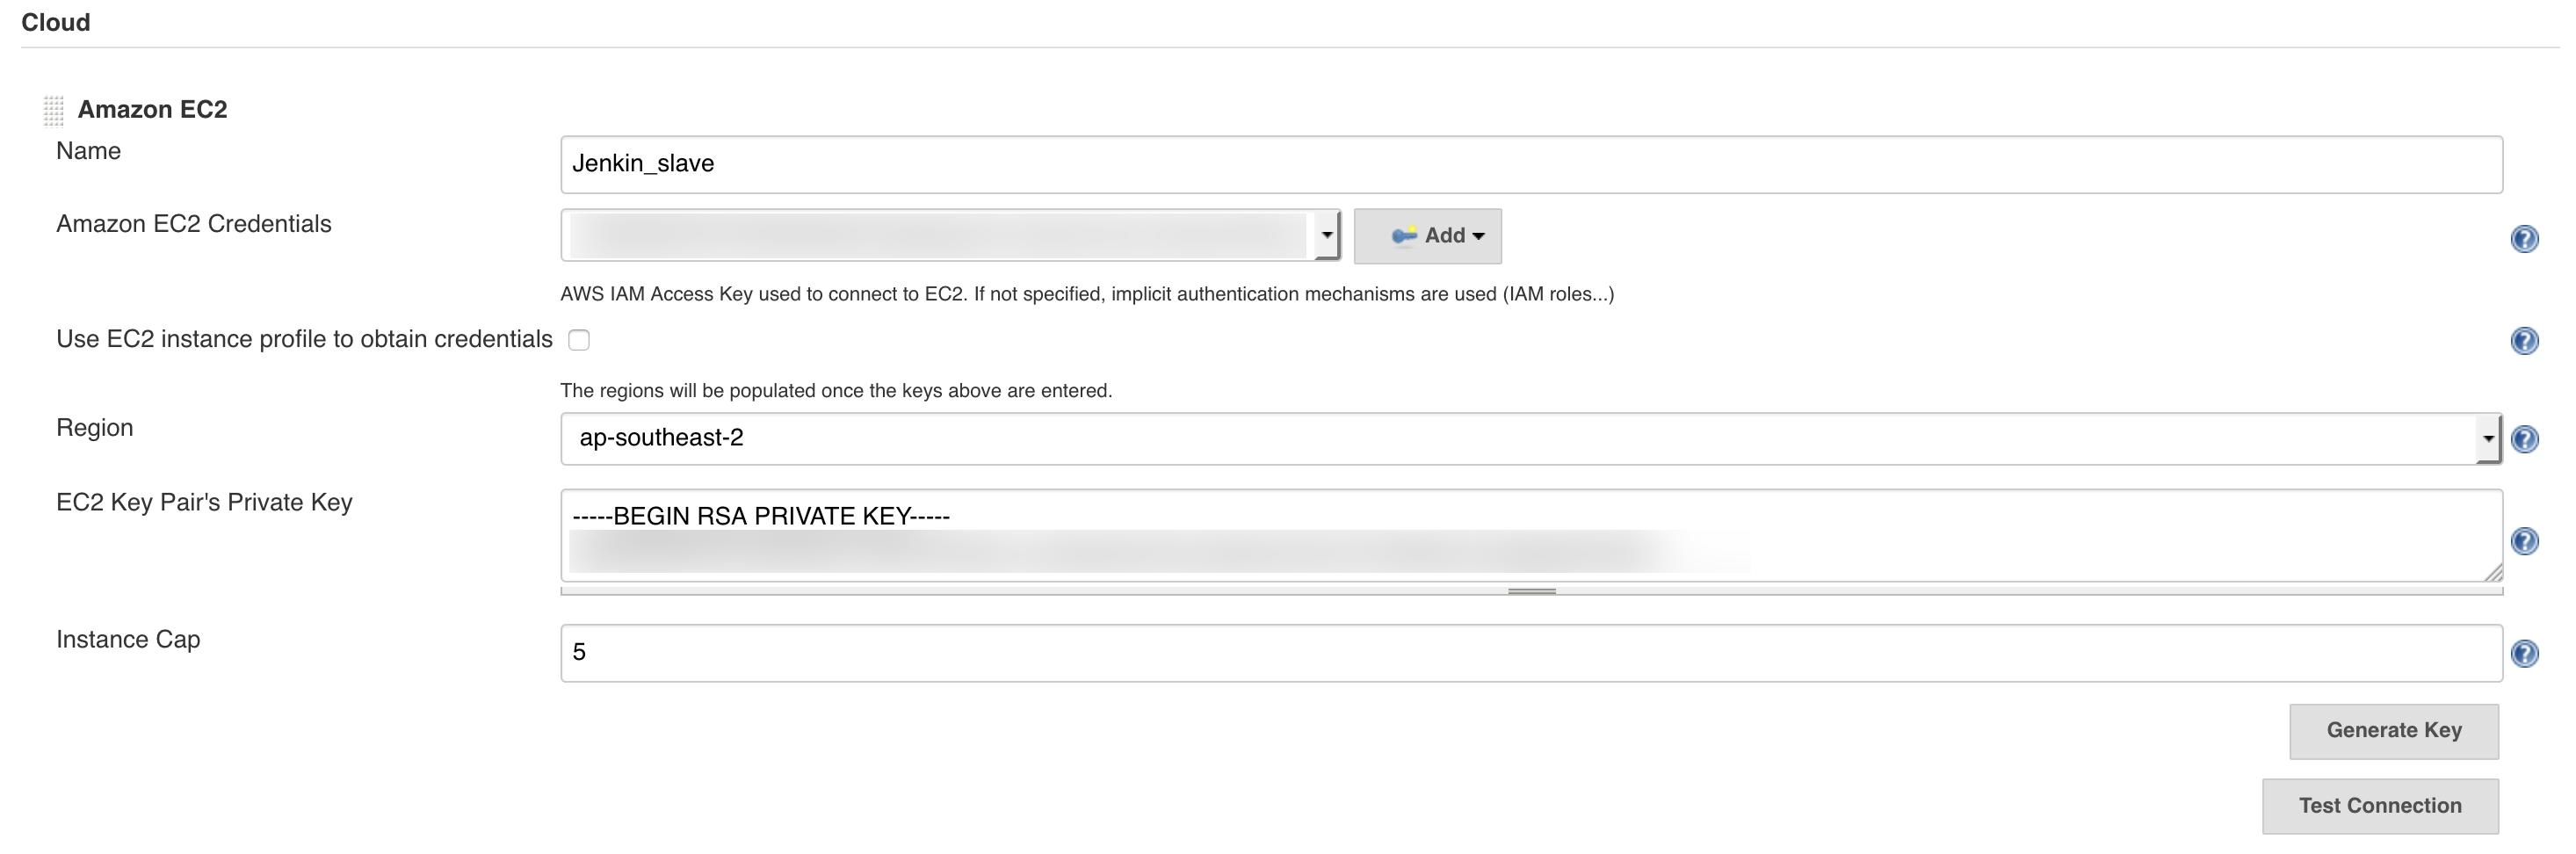 JENKINS-50931] EC2 Instance cap is not respected - Jenkins JIRA